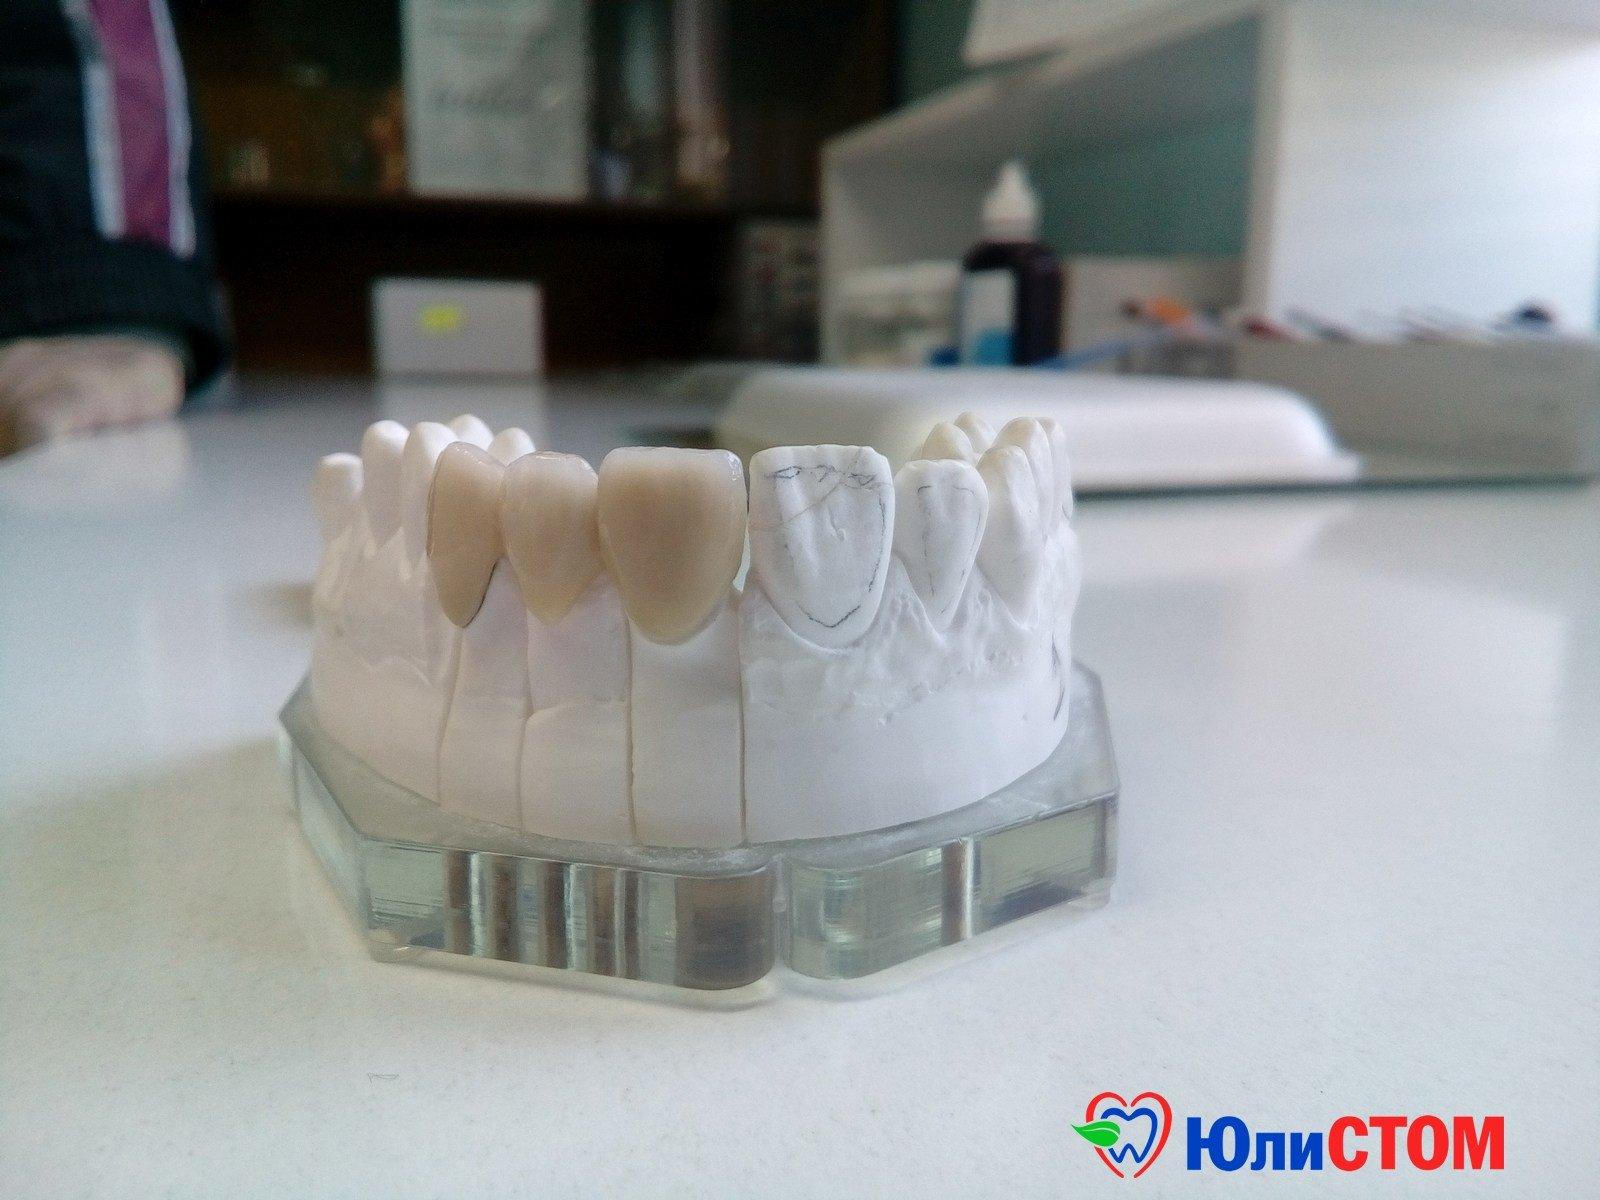 Качество зубных протезов зависит не только от цены, но и производителя